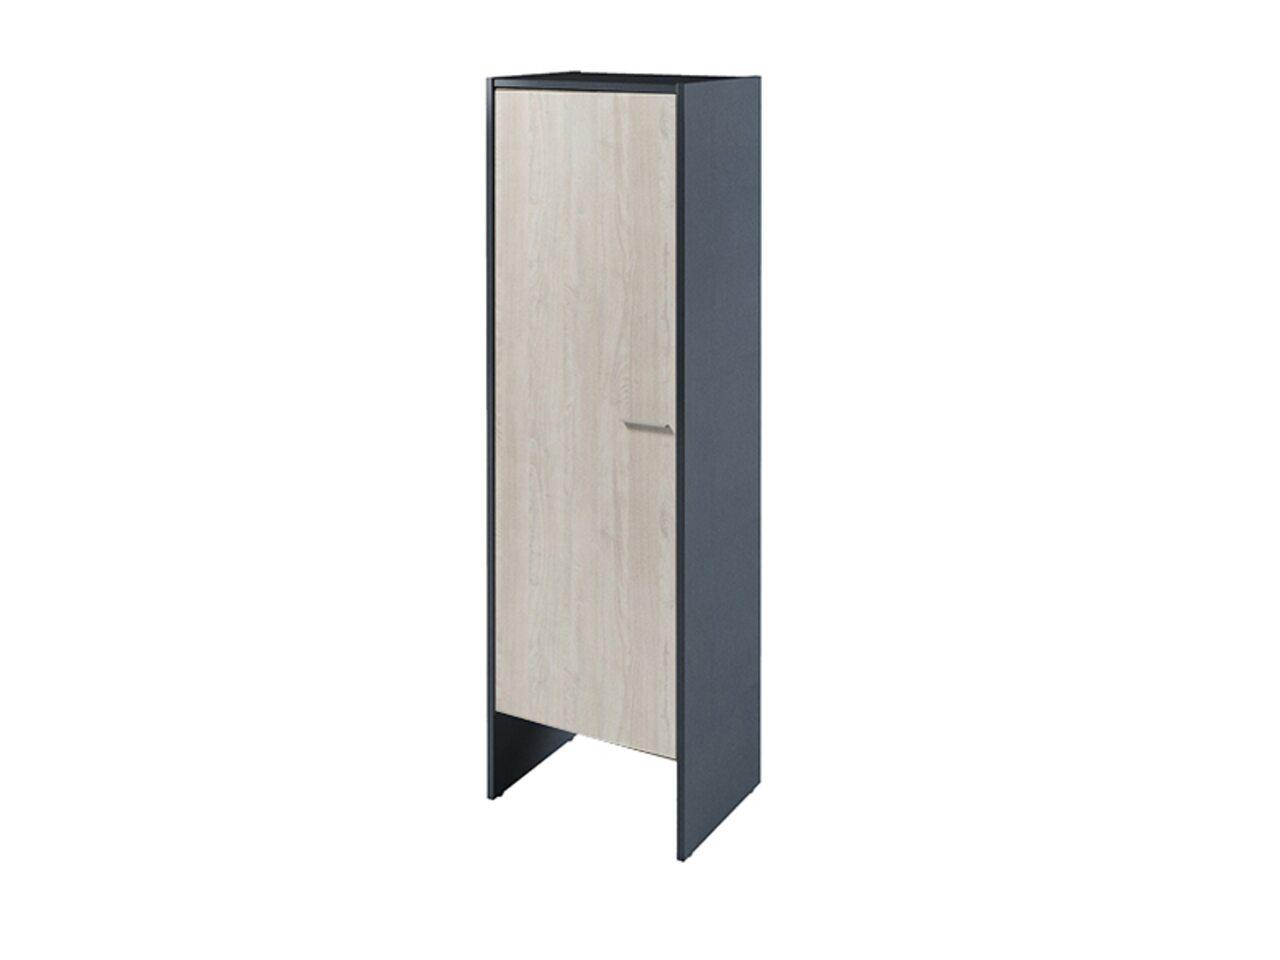 Шкаф для одежды  Инновация 60x44x194 - фото 3